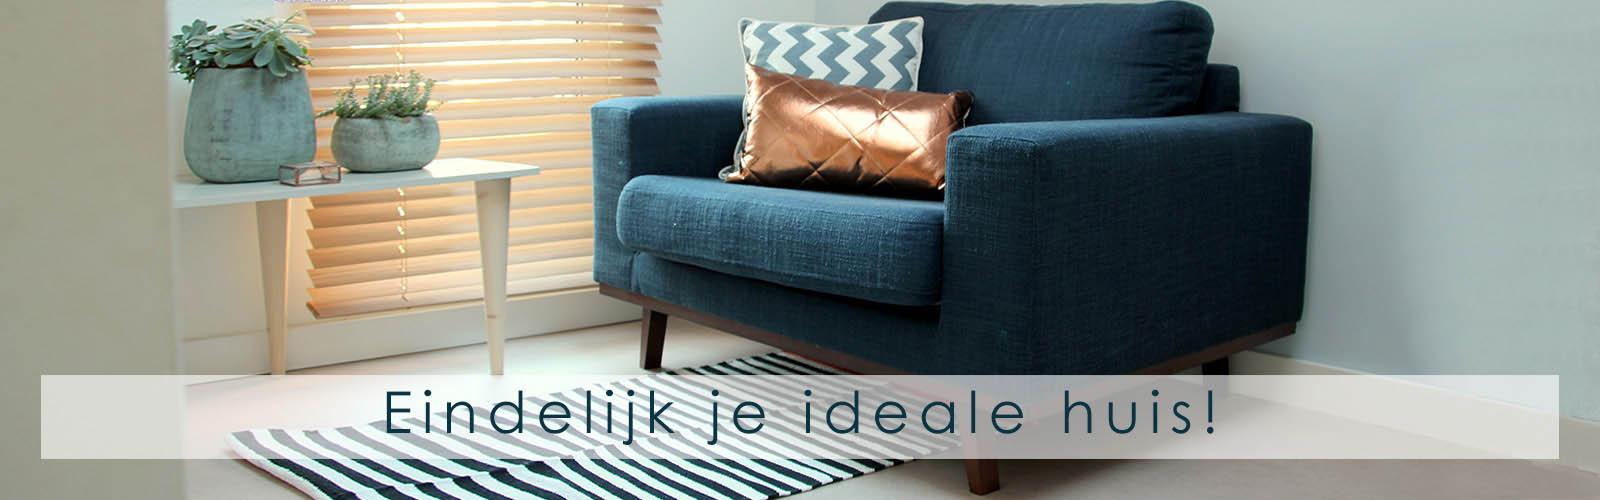 Gewooncaat interieur | Mijn naam is Carolien Latijnhouwers. Al jaren heb ik een passie: het creëren en ontwerpen van mooie, sfeervolle interieurs.